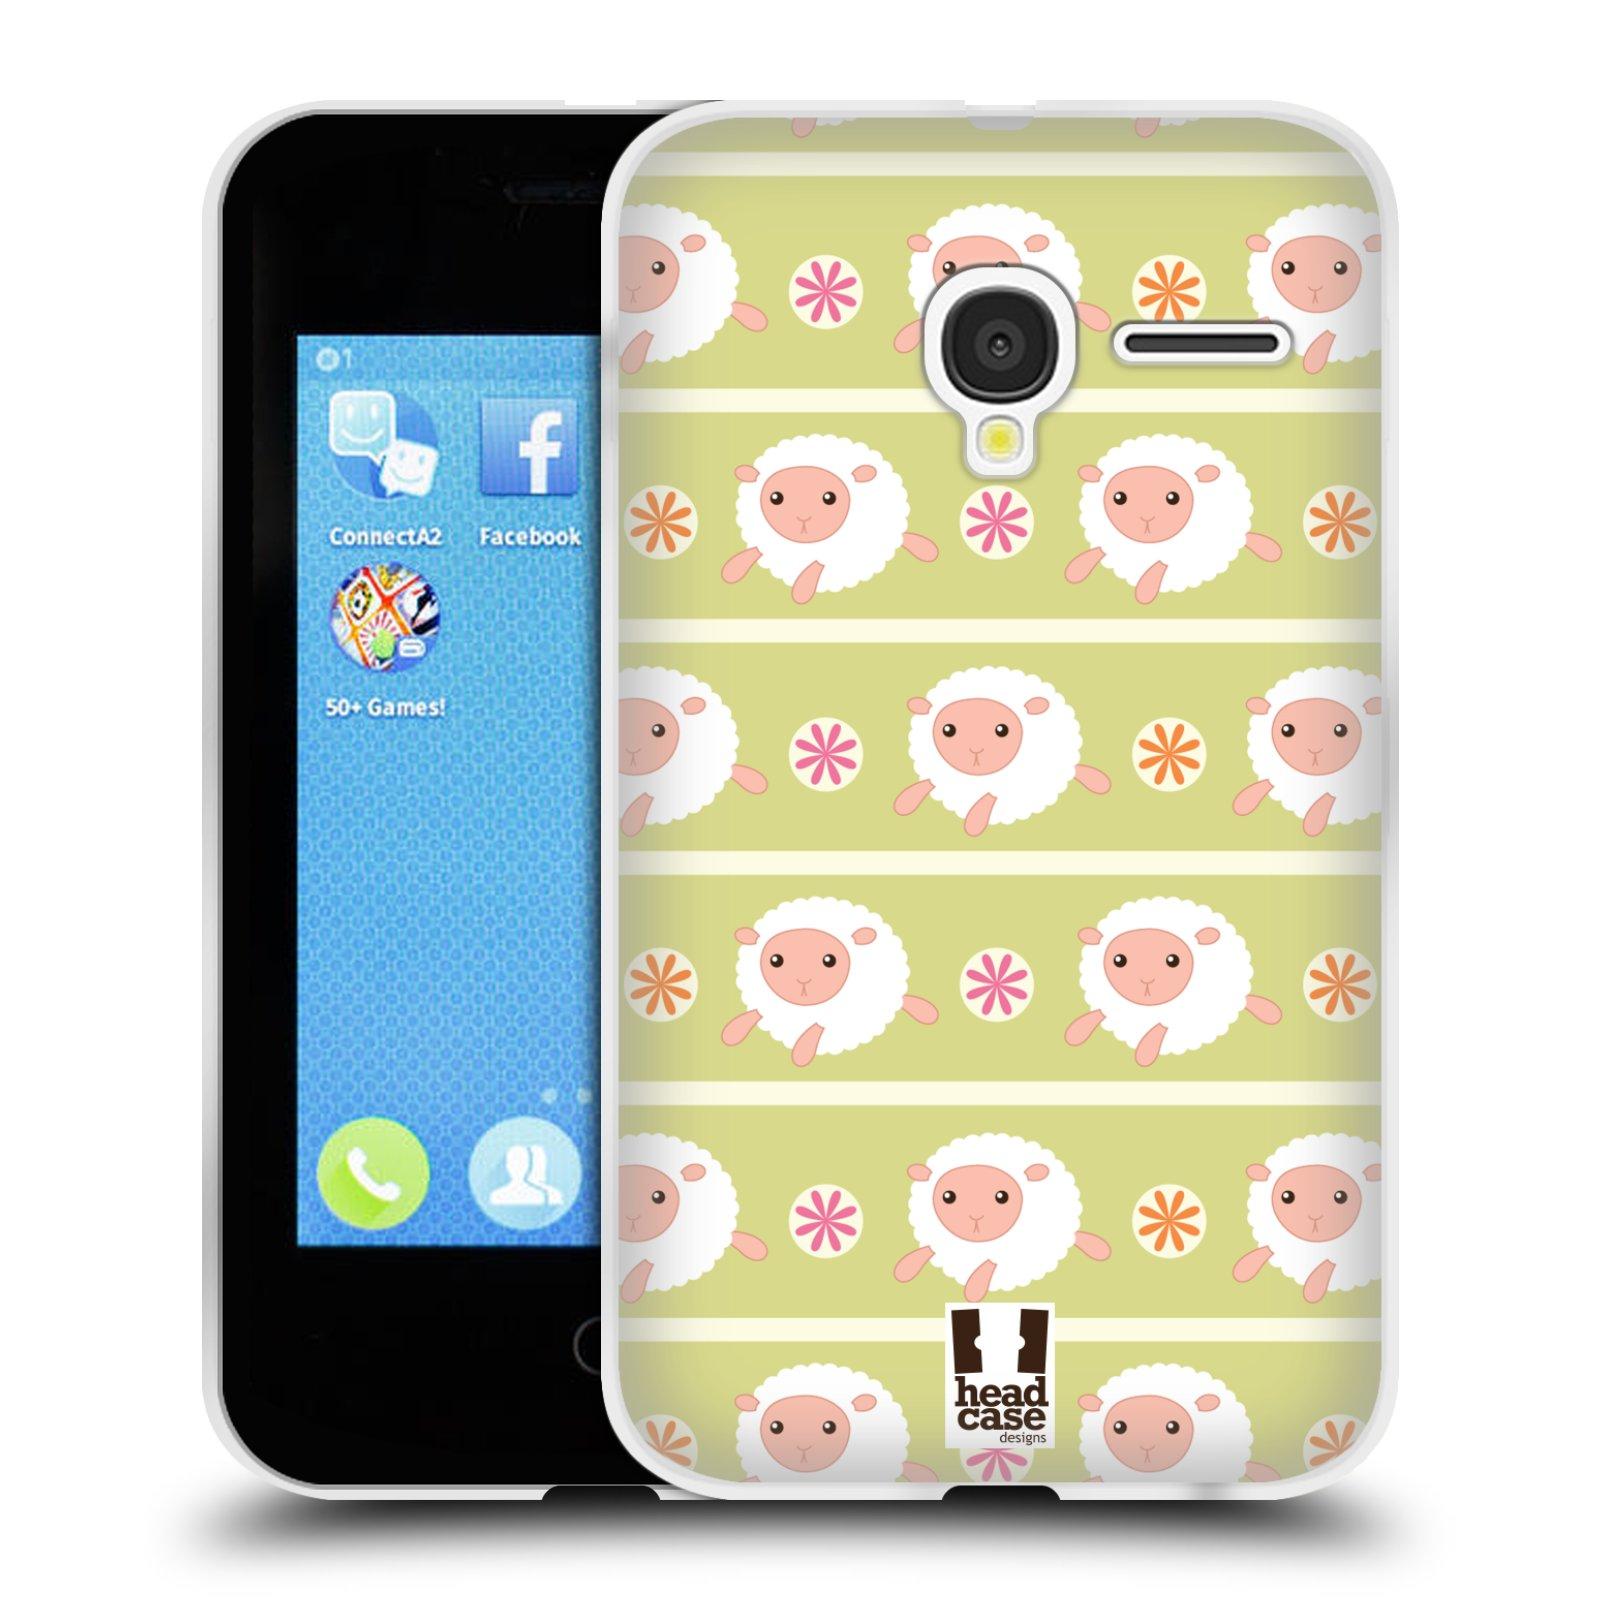 HEAD CASE silikonový obal na mobil Alcatel PIXI 3 OT-4022D (3,5 palcový displej) vzor roztomilé zvířecí vzory ovečky